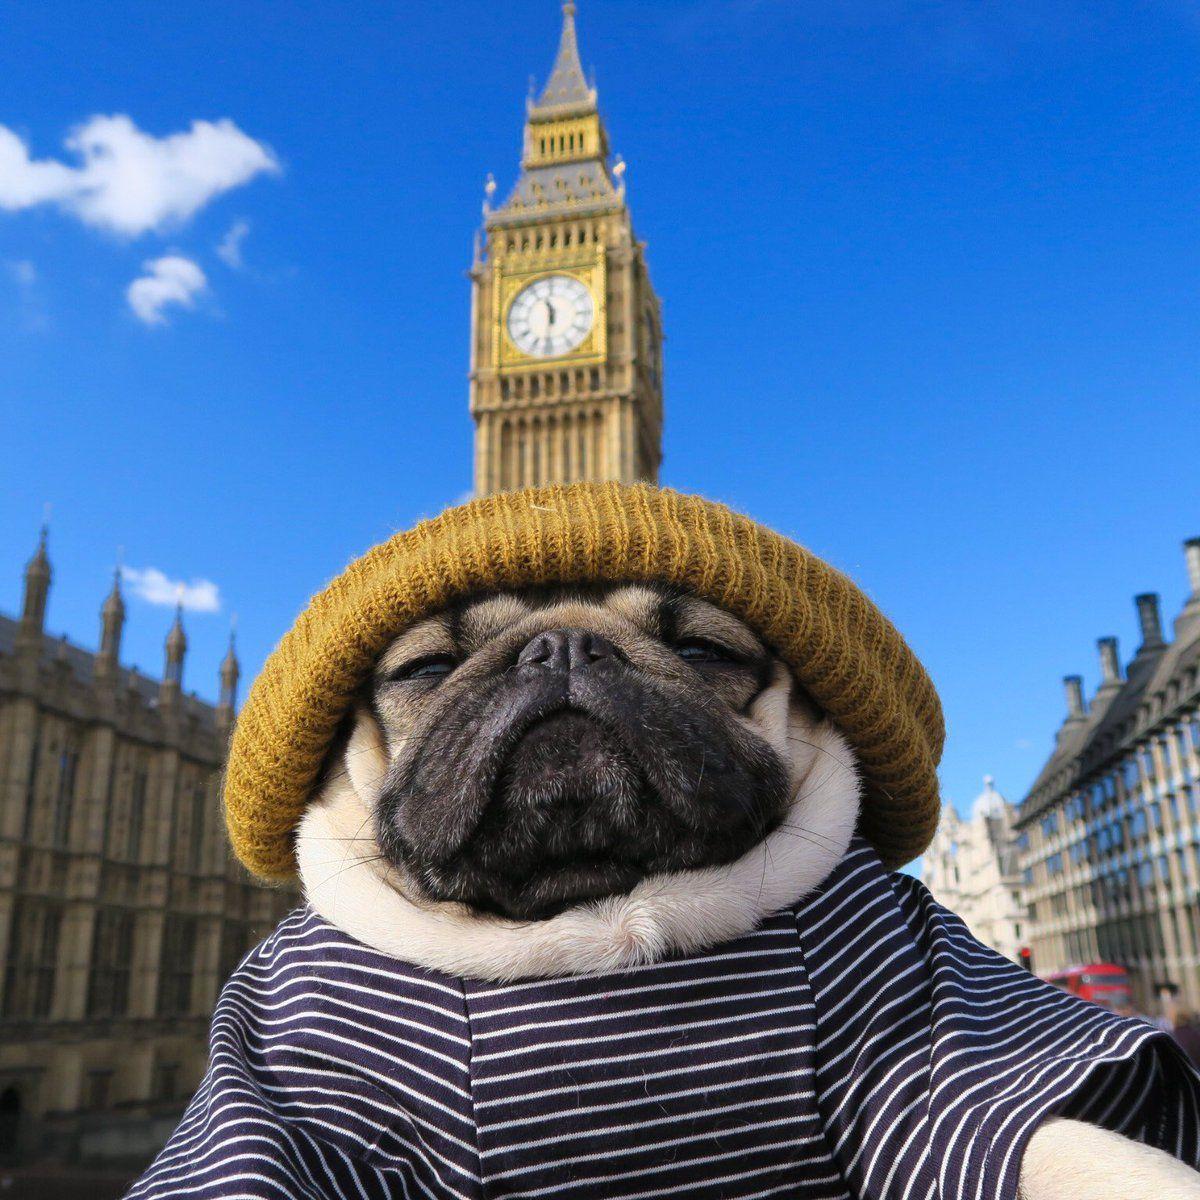 покупке лондон прикольная картинка подают